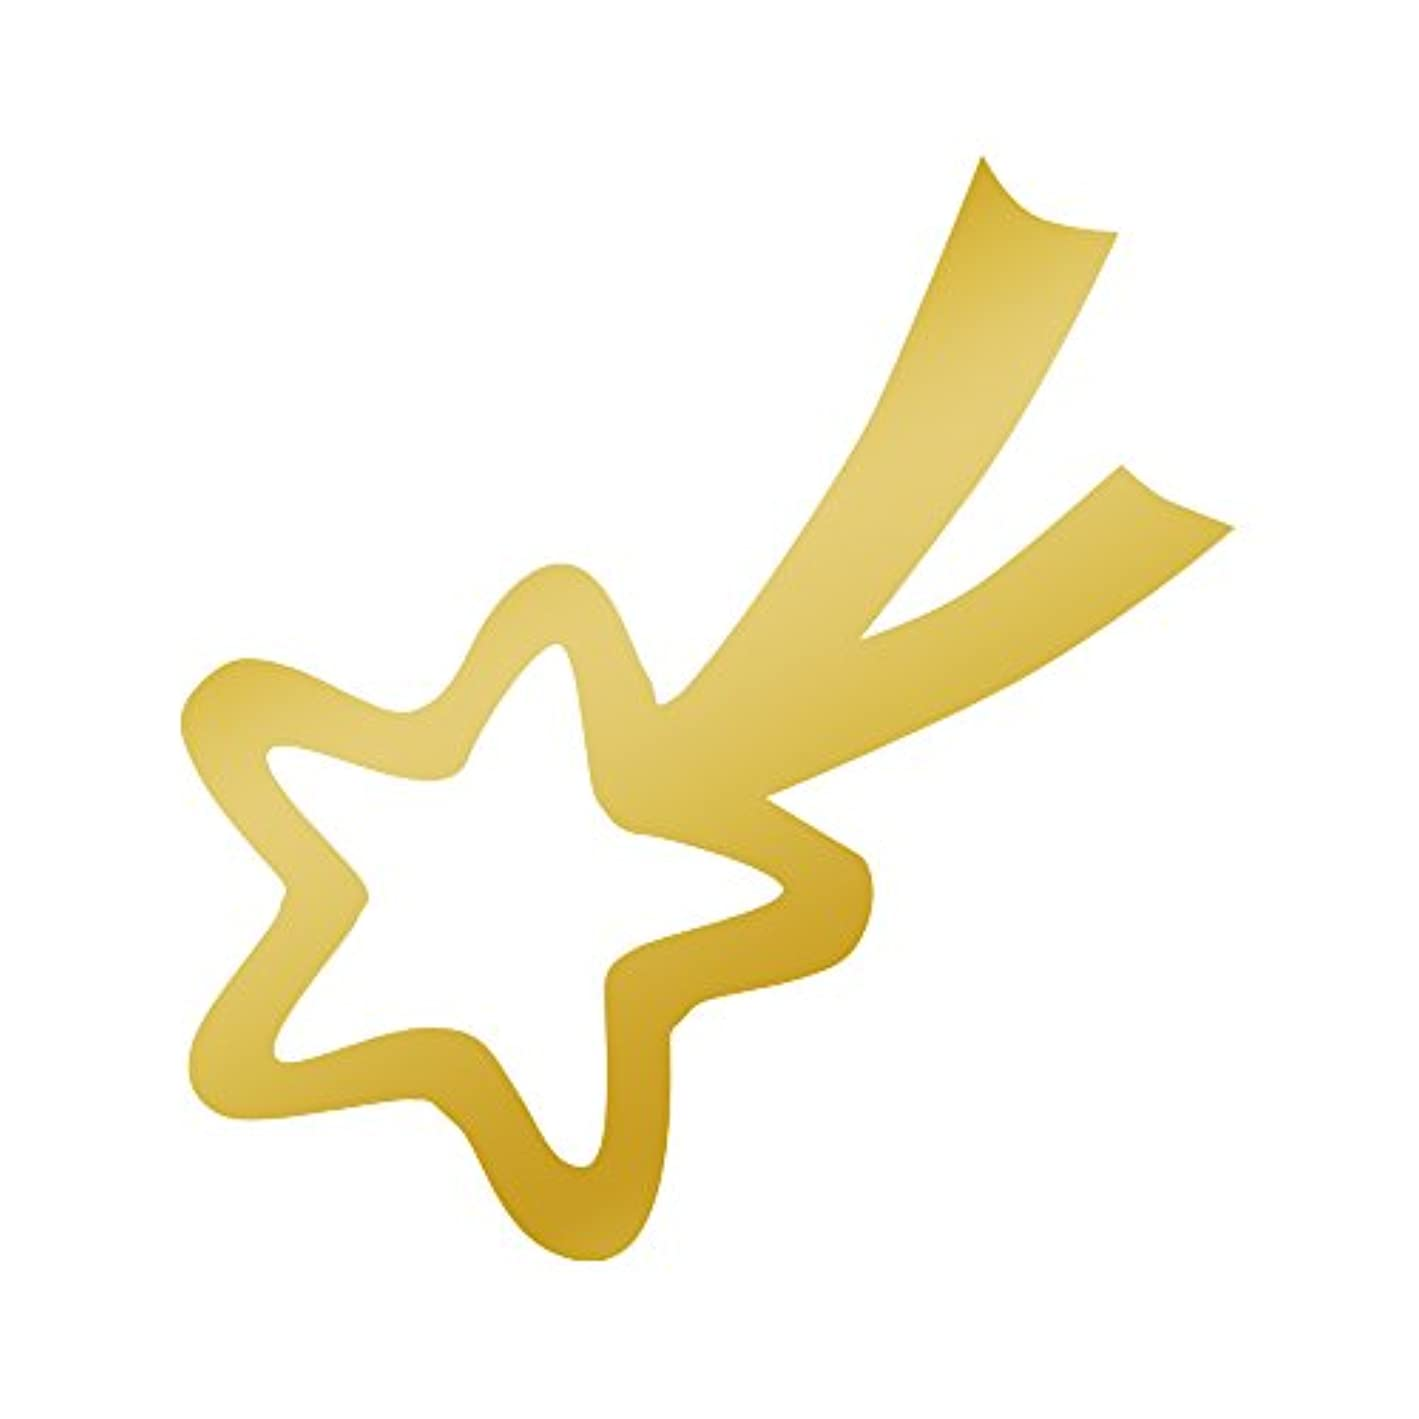 はい勧めるチャンスリトルプリティー ネイルアートパーツ 流れ星 S ゴールド 10個